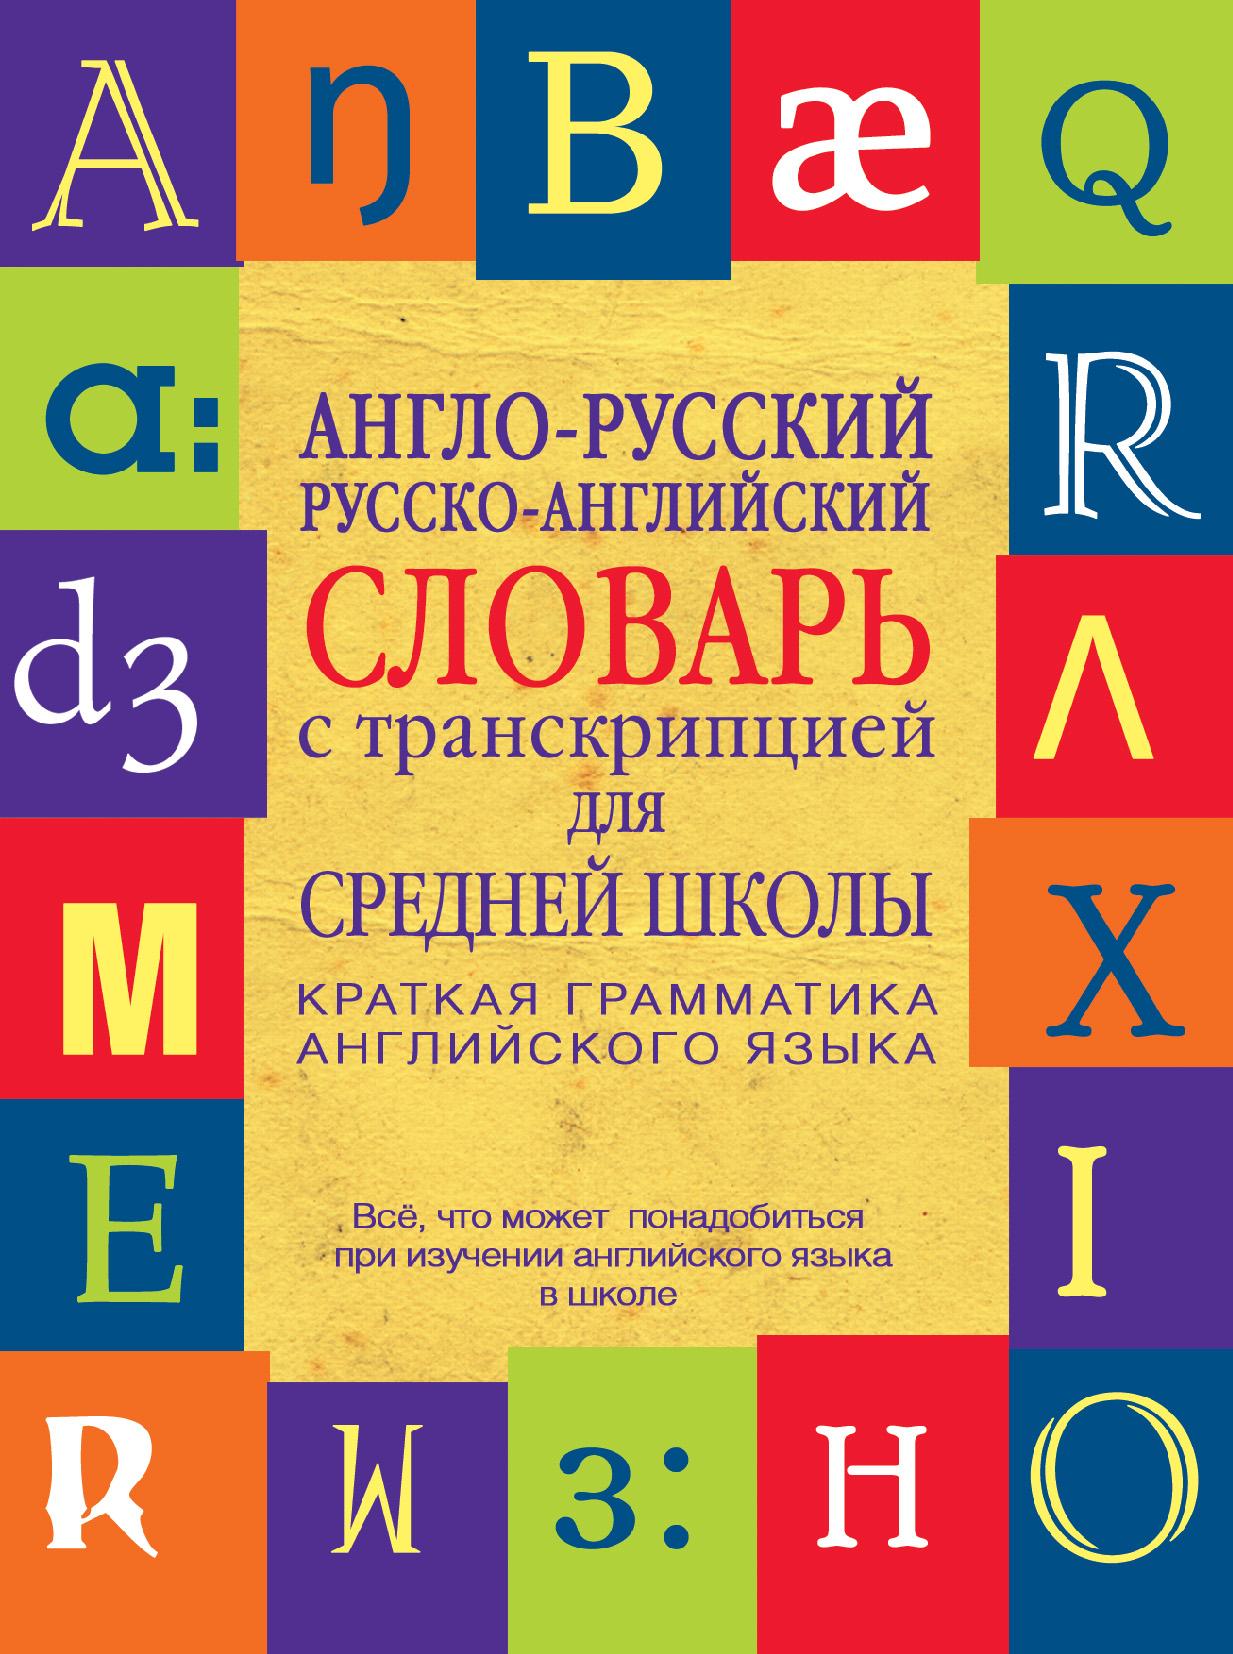 Отсутствует Англо-русский, русско-английский словарь с транскрипцией для средней школы английский язык перевод слов с транскрипцией 9 класс